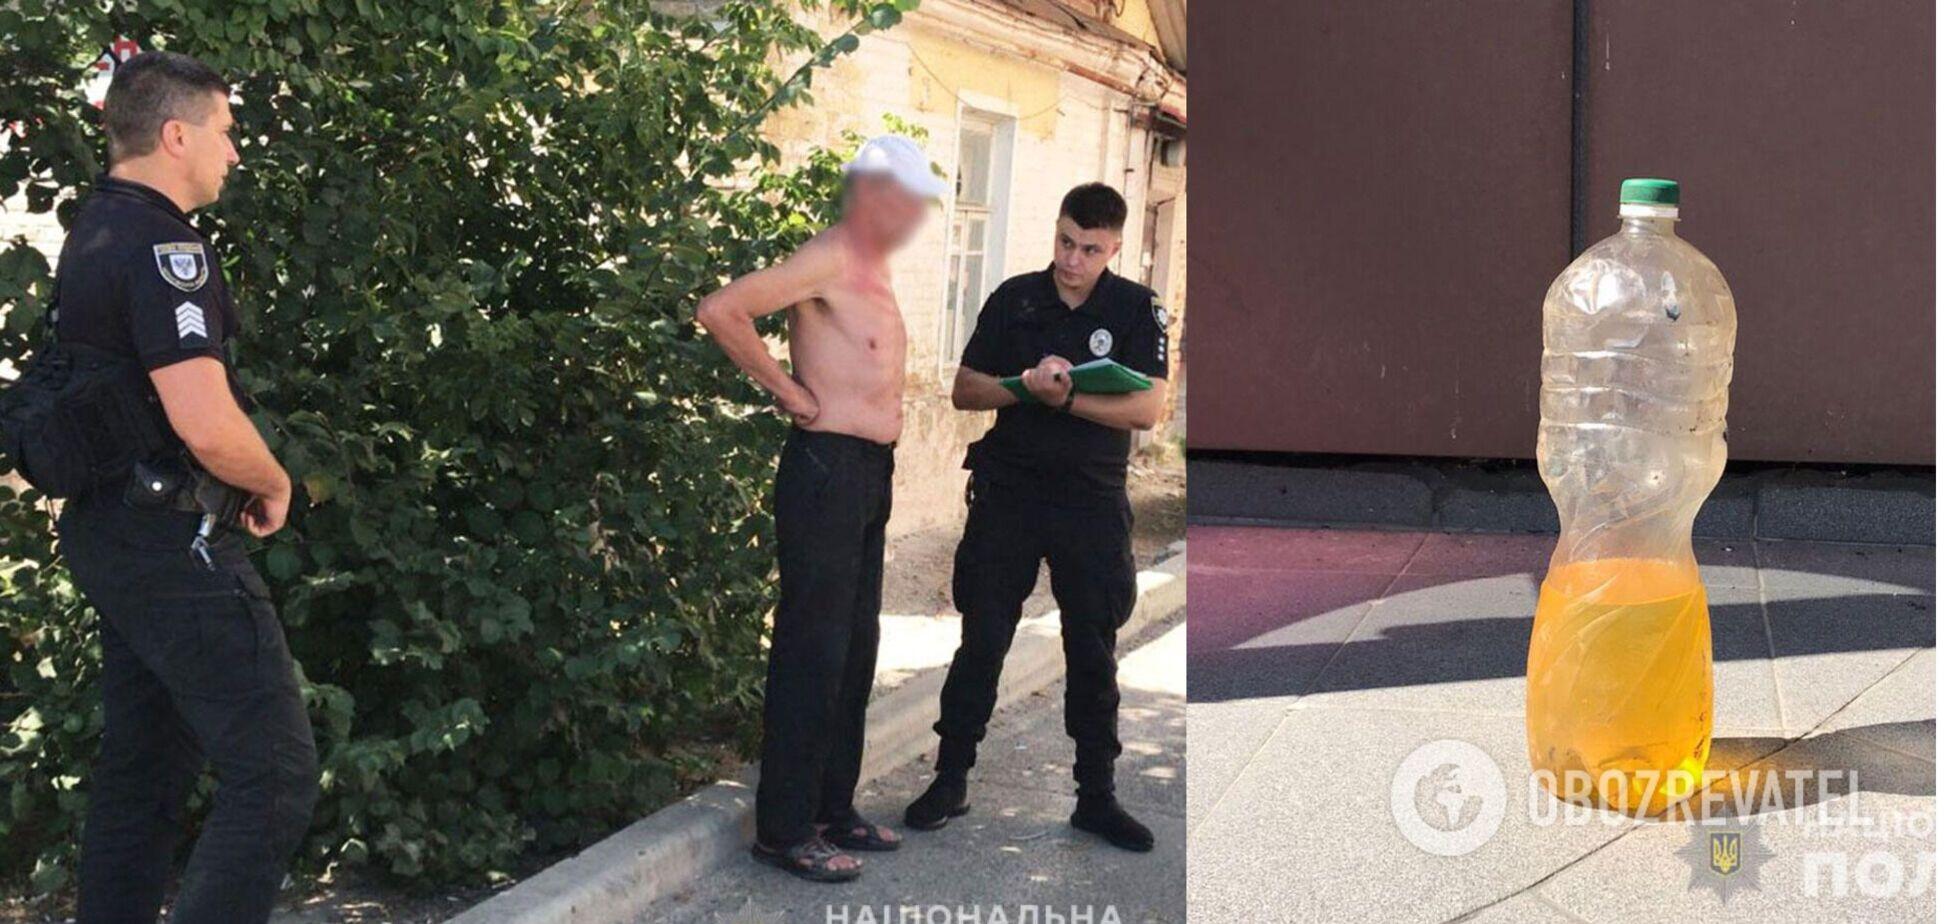 У Чернігові чоловік намагався підпалити себе і офіс облгазу, самоспалення вдалося попередити. Фото